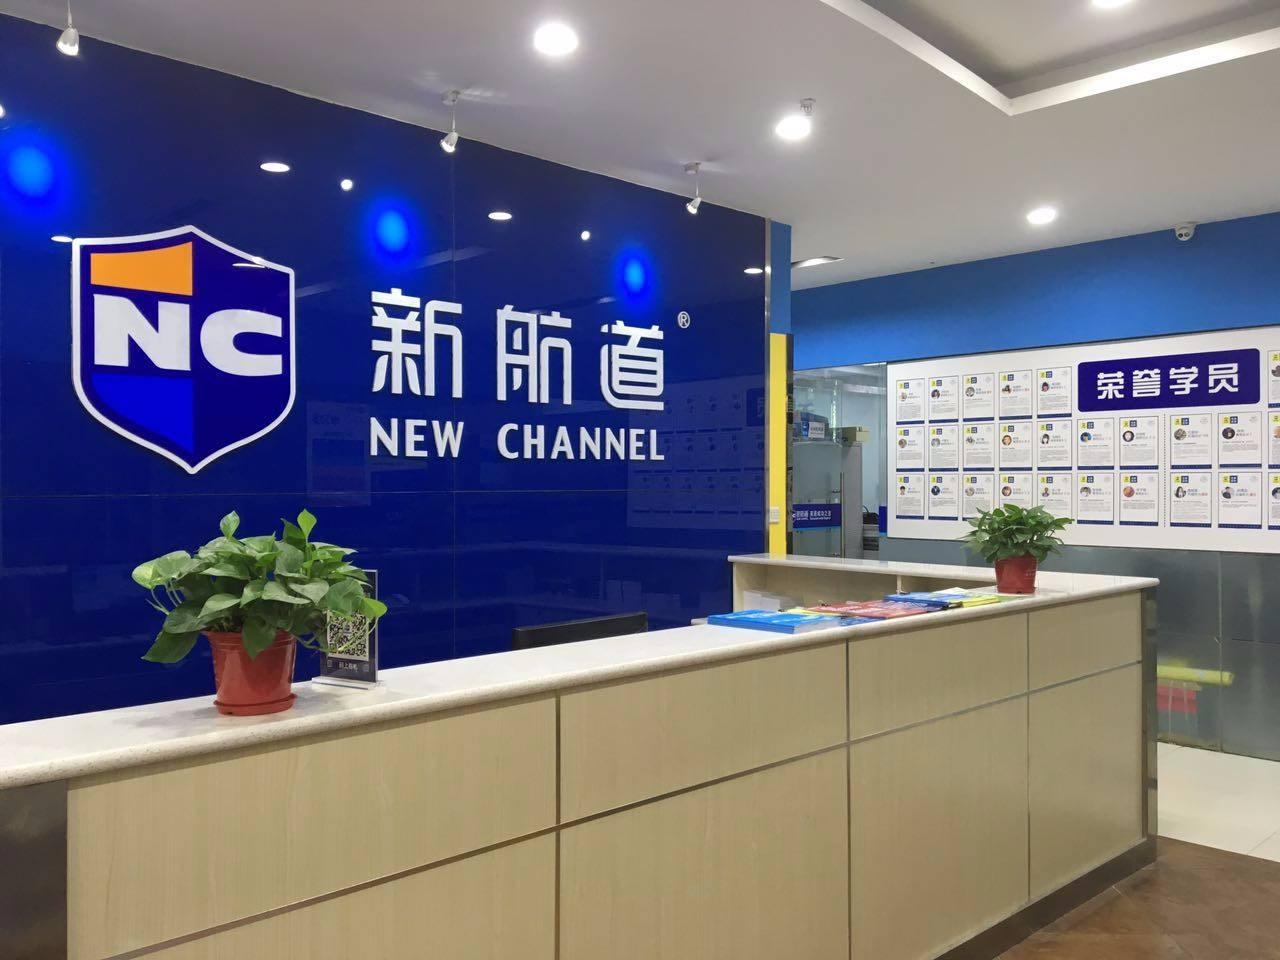 深圳新航道英语培训学校